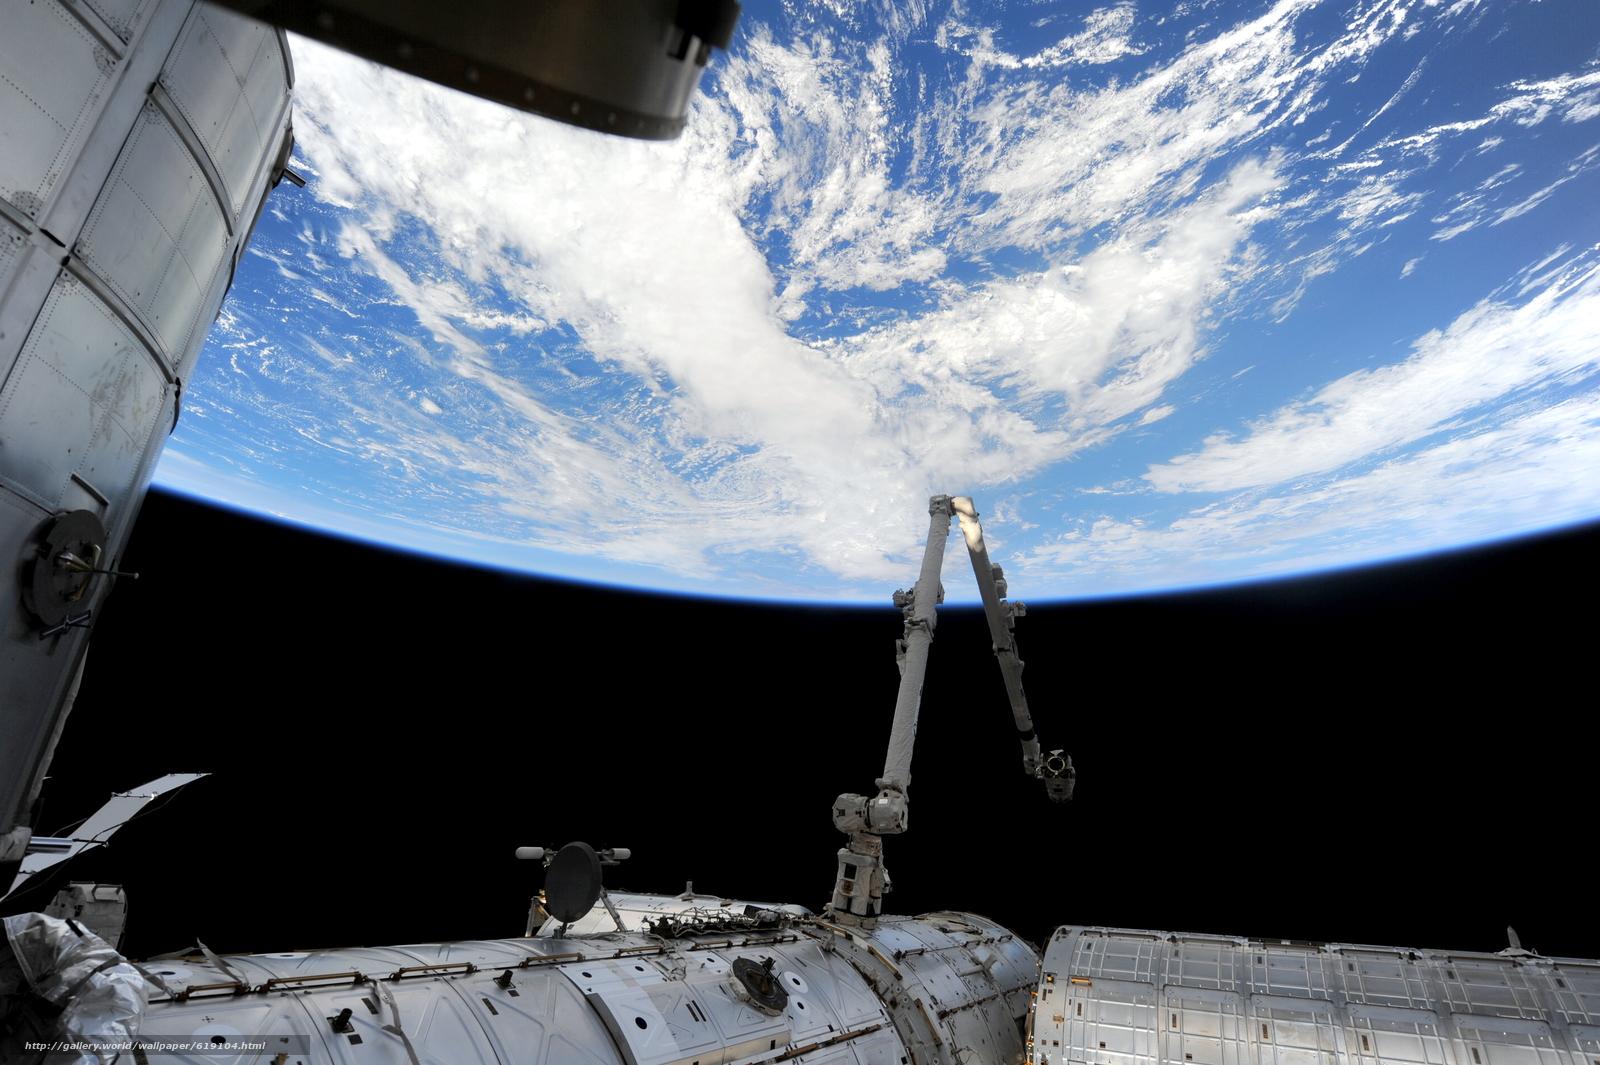 Скачать на телефон обои фото картинку на тему Атлантический океан, Земля, МКС, космос, разширение 4256x2832